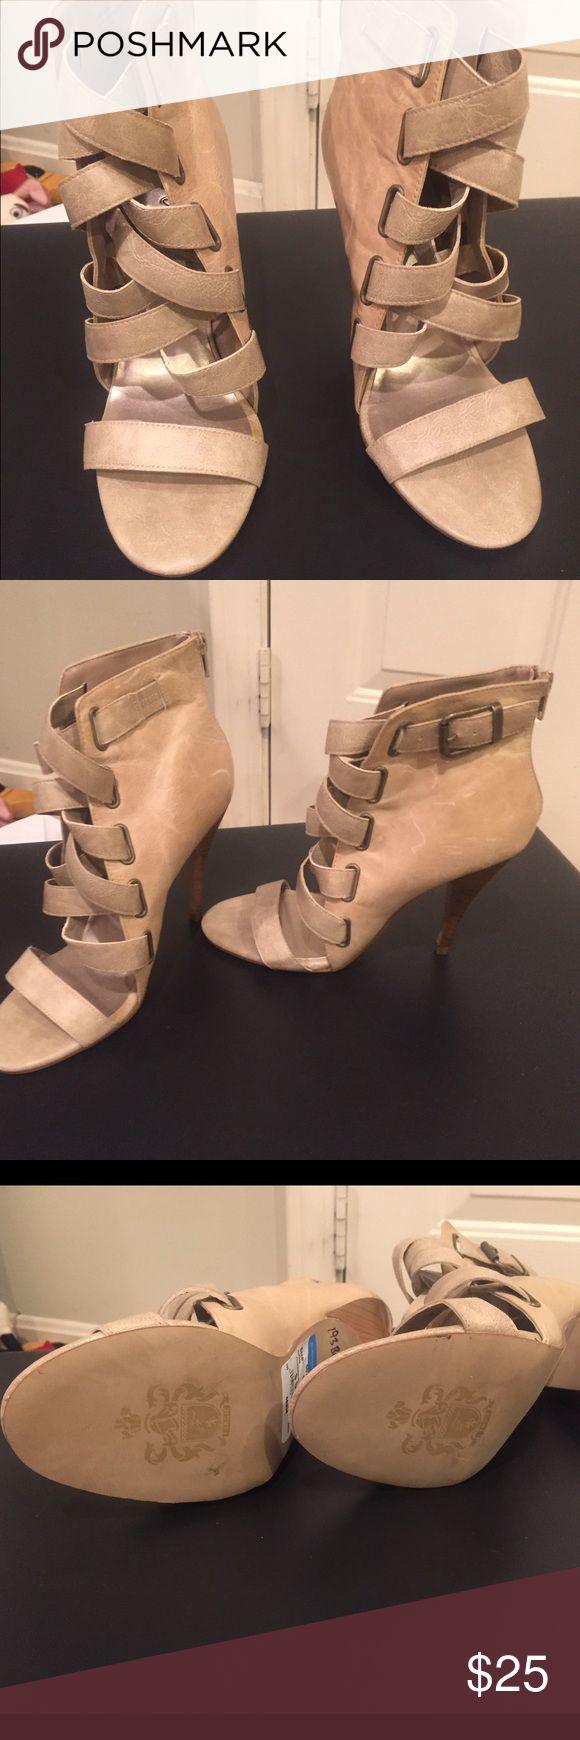 Fergie strappy heels Fergie strappy heels. Never worn. No trades. Fergie Shoes Heels